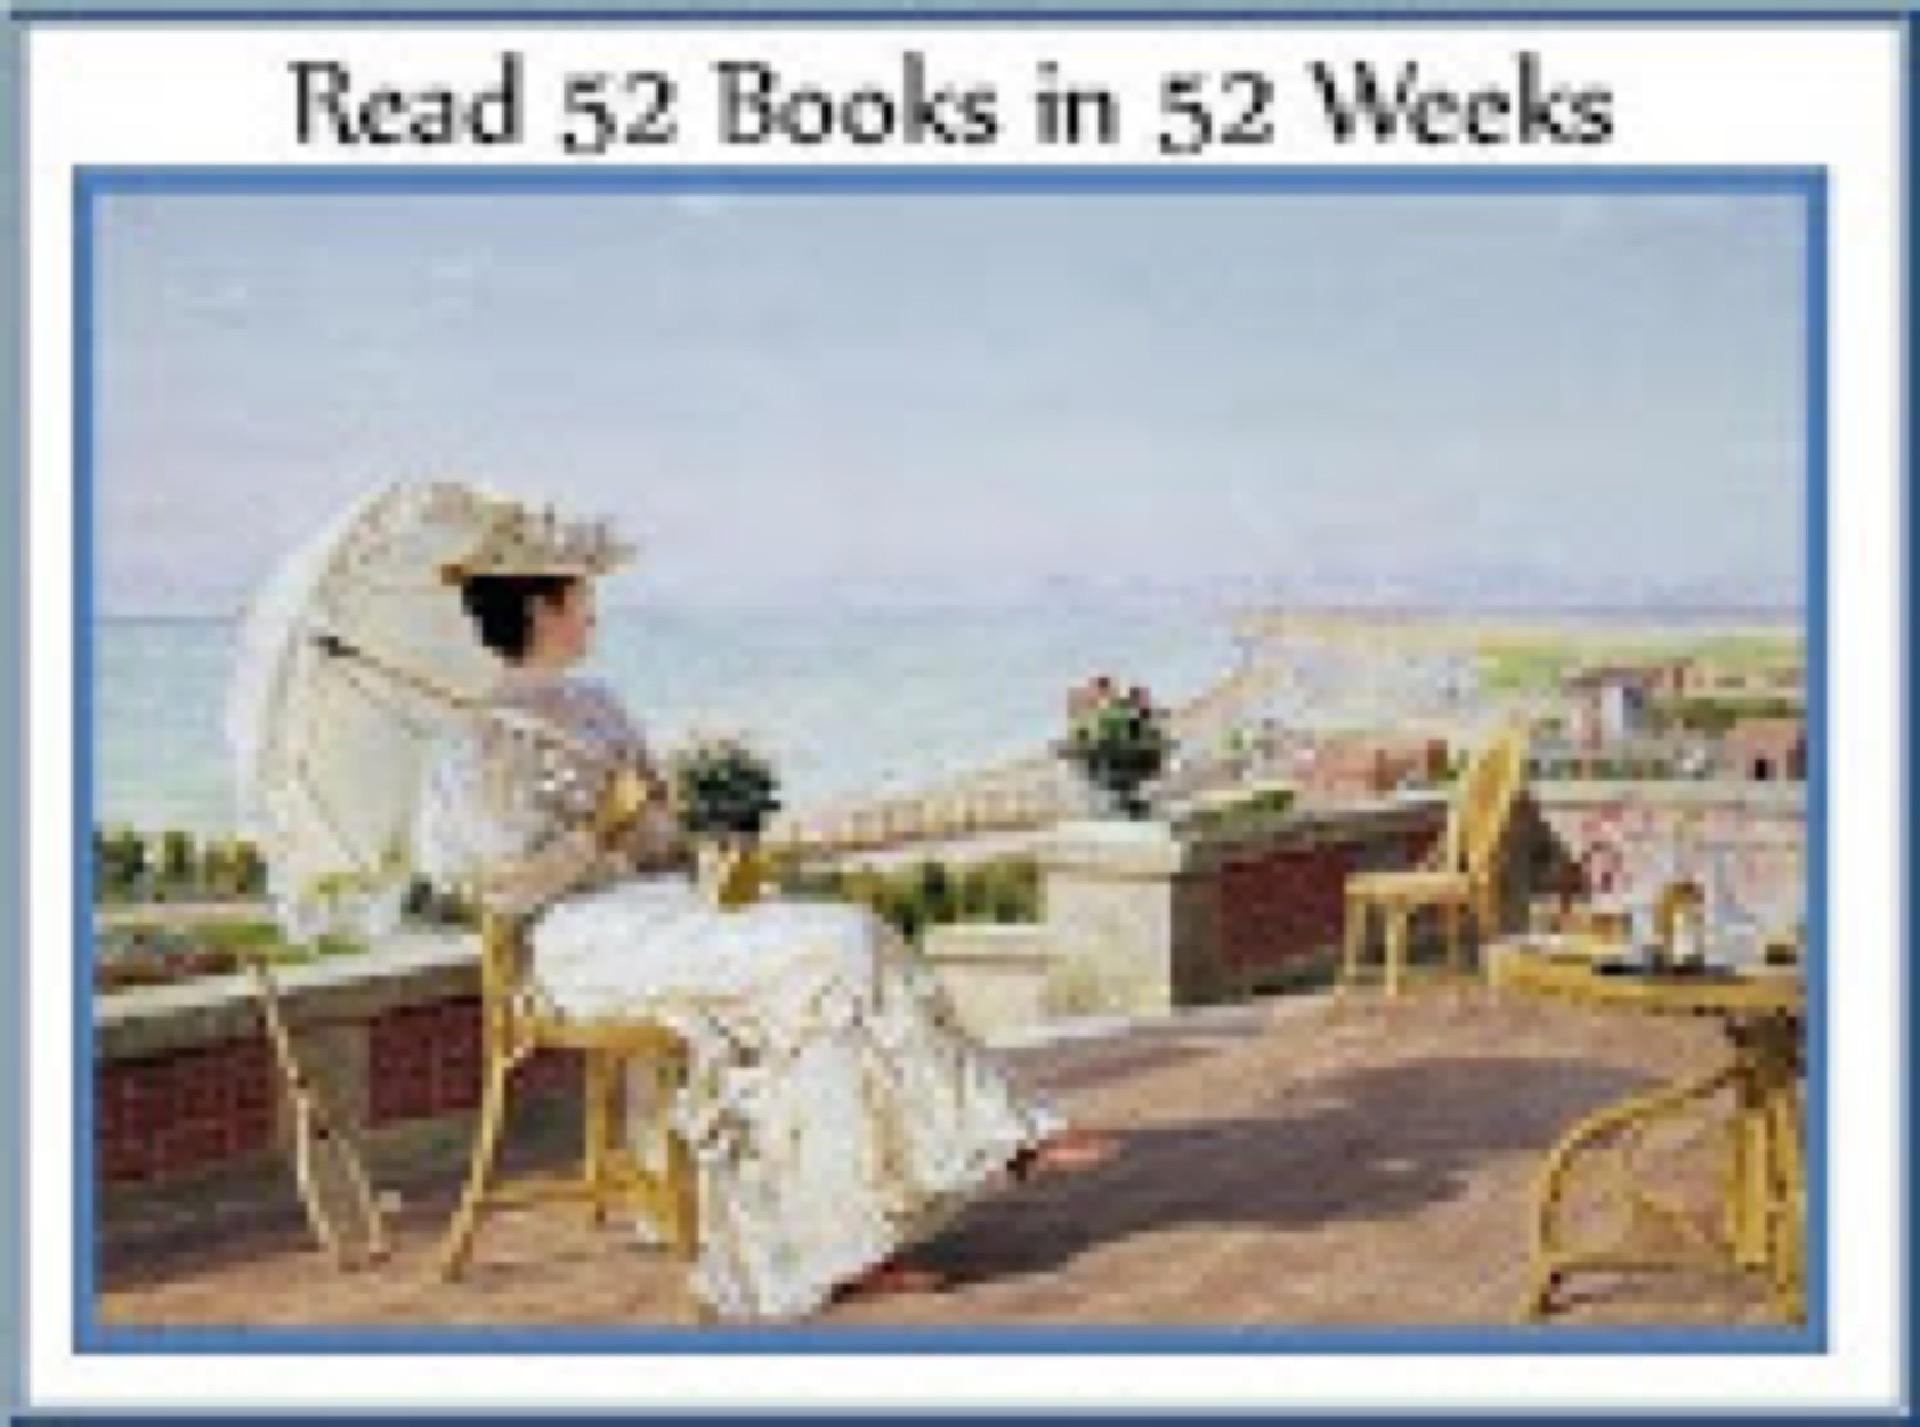 52-books (1920).jpg